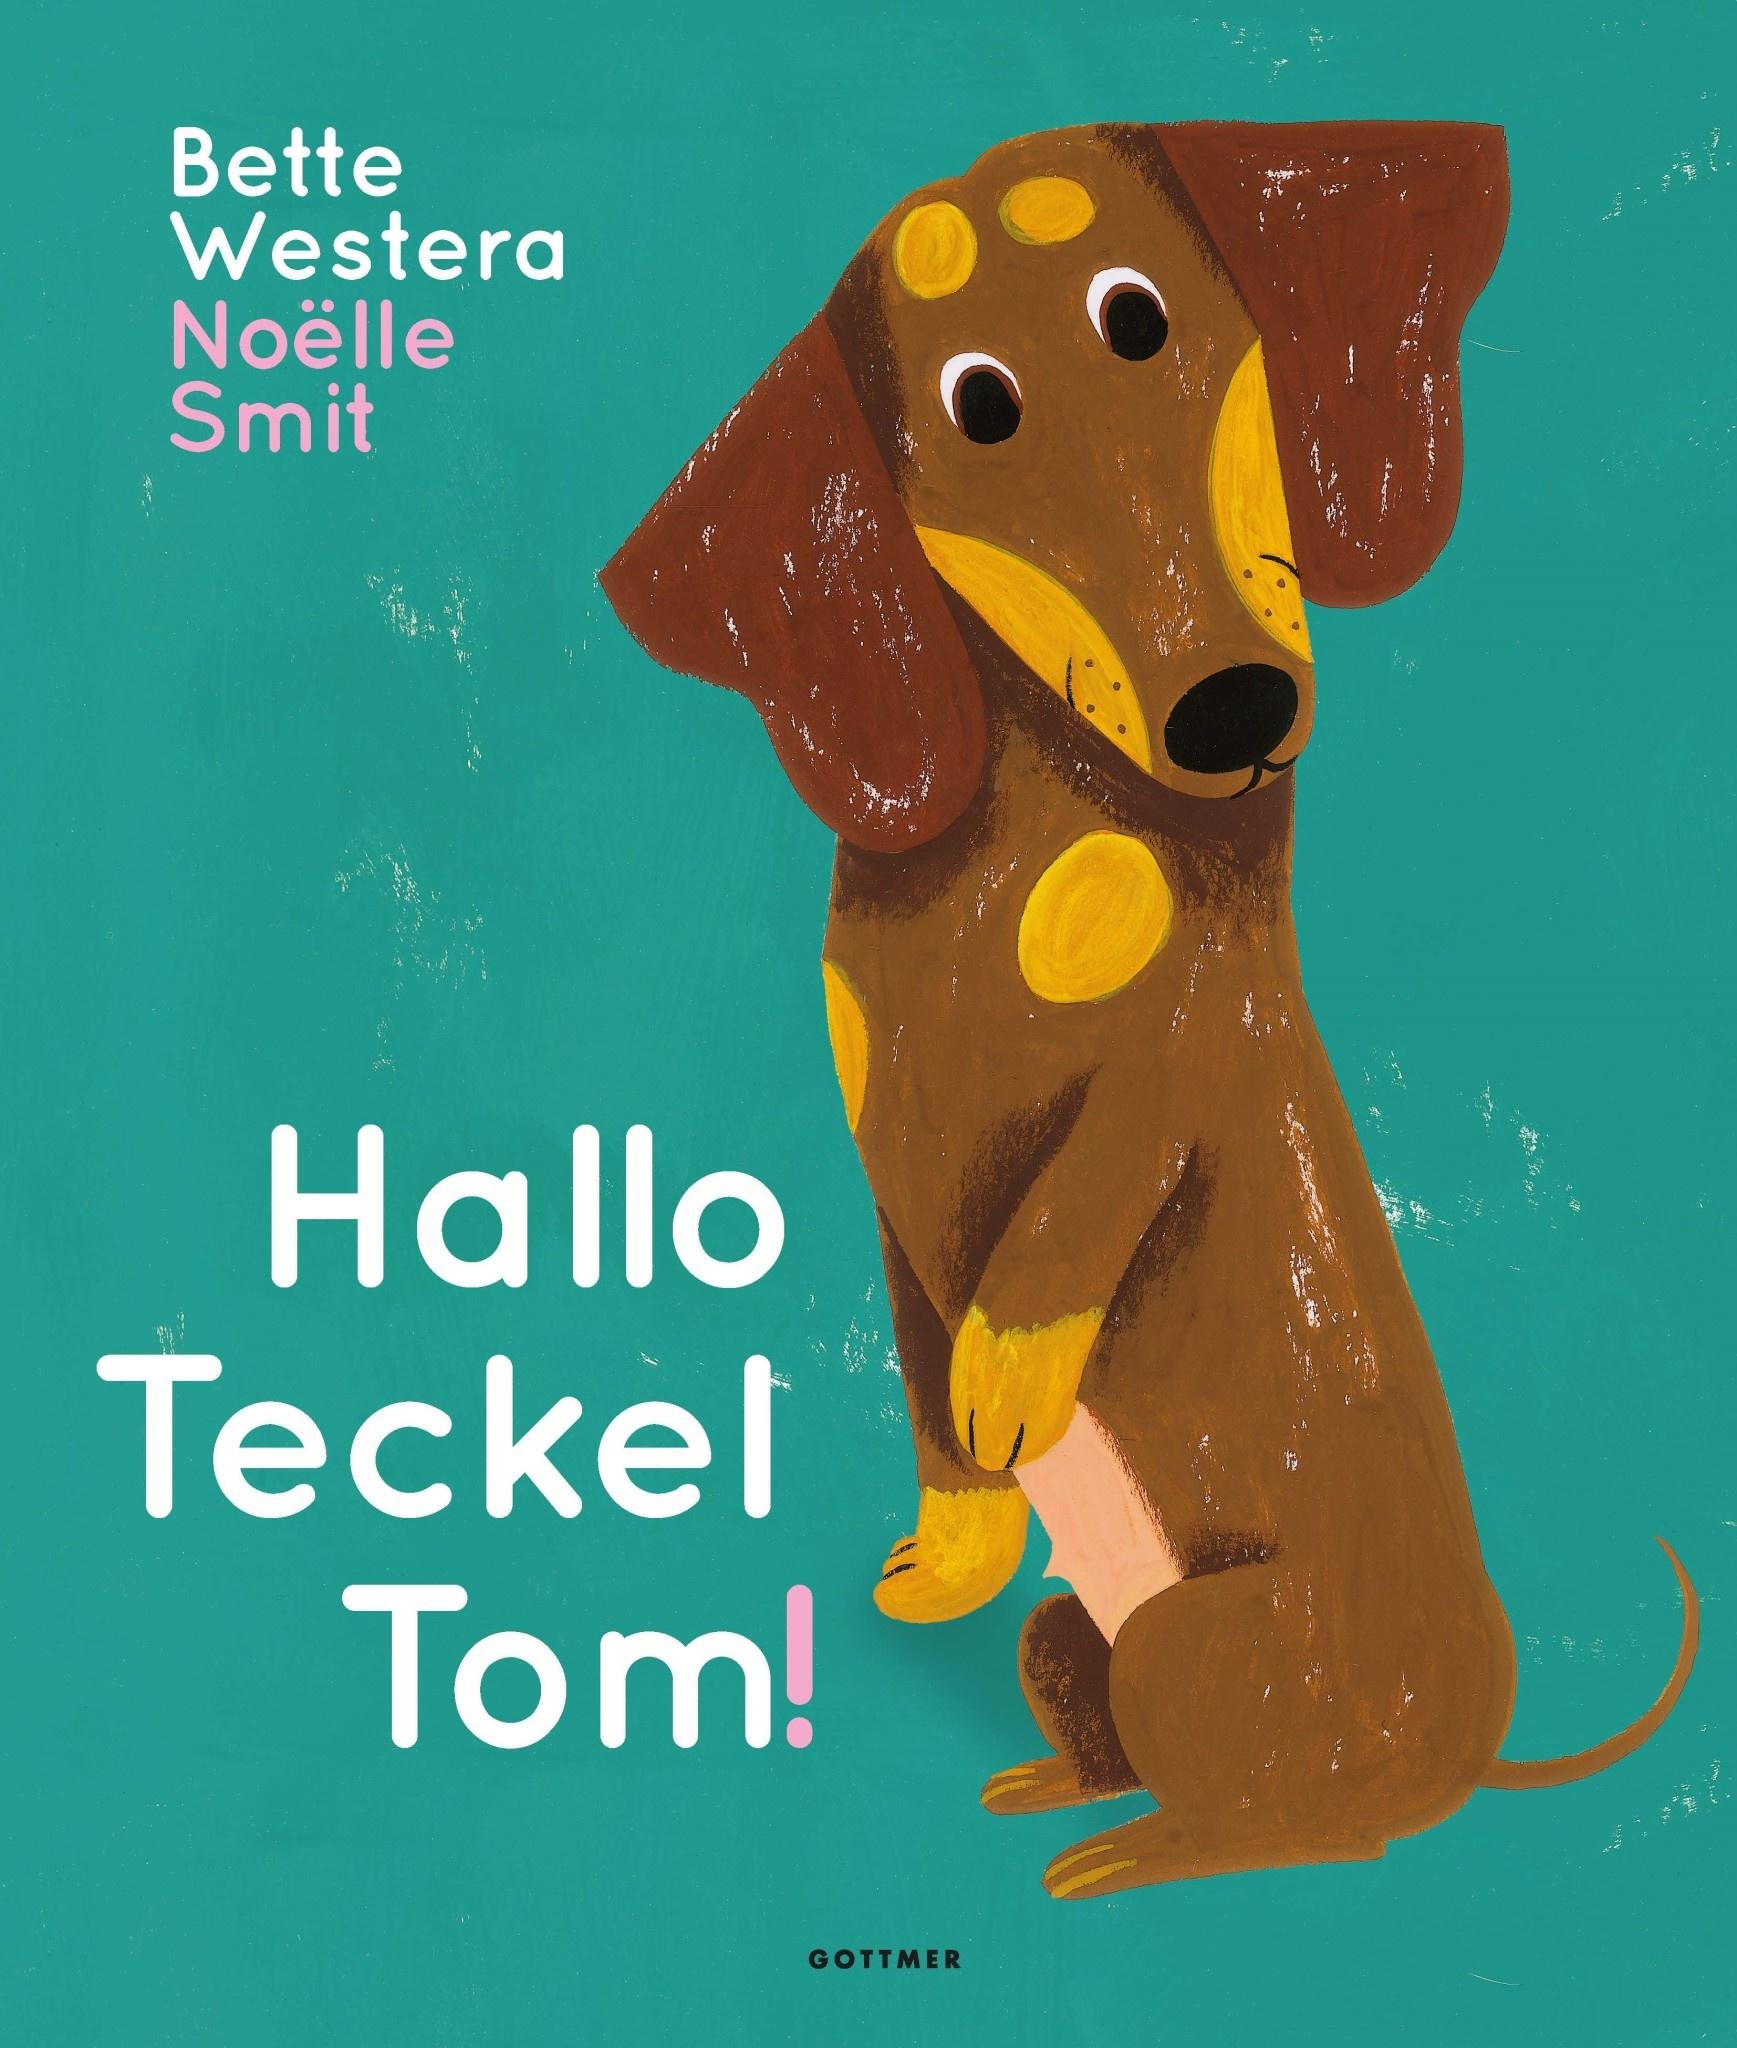 Boek - Hallo teckel Tom-1